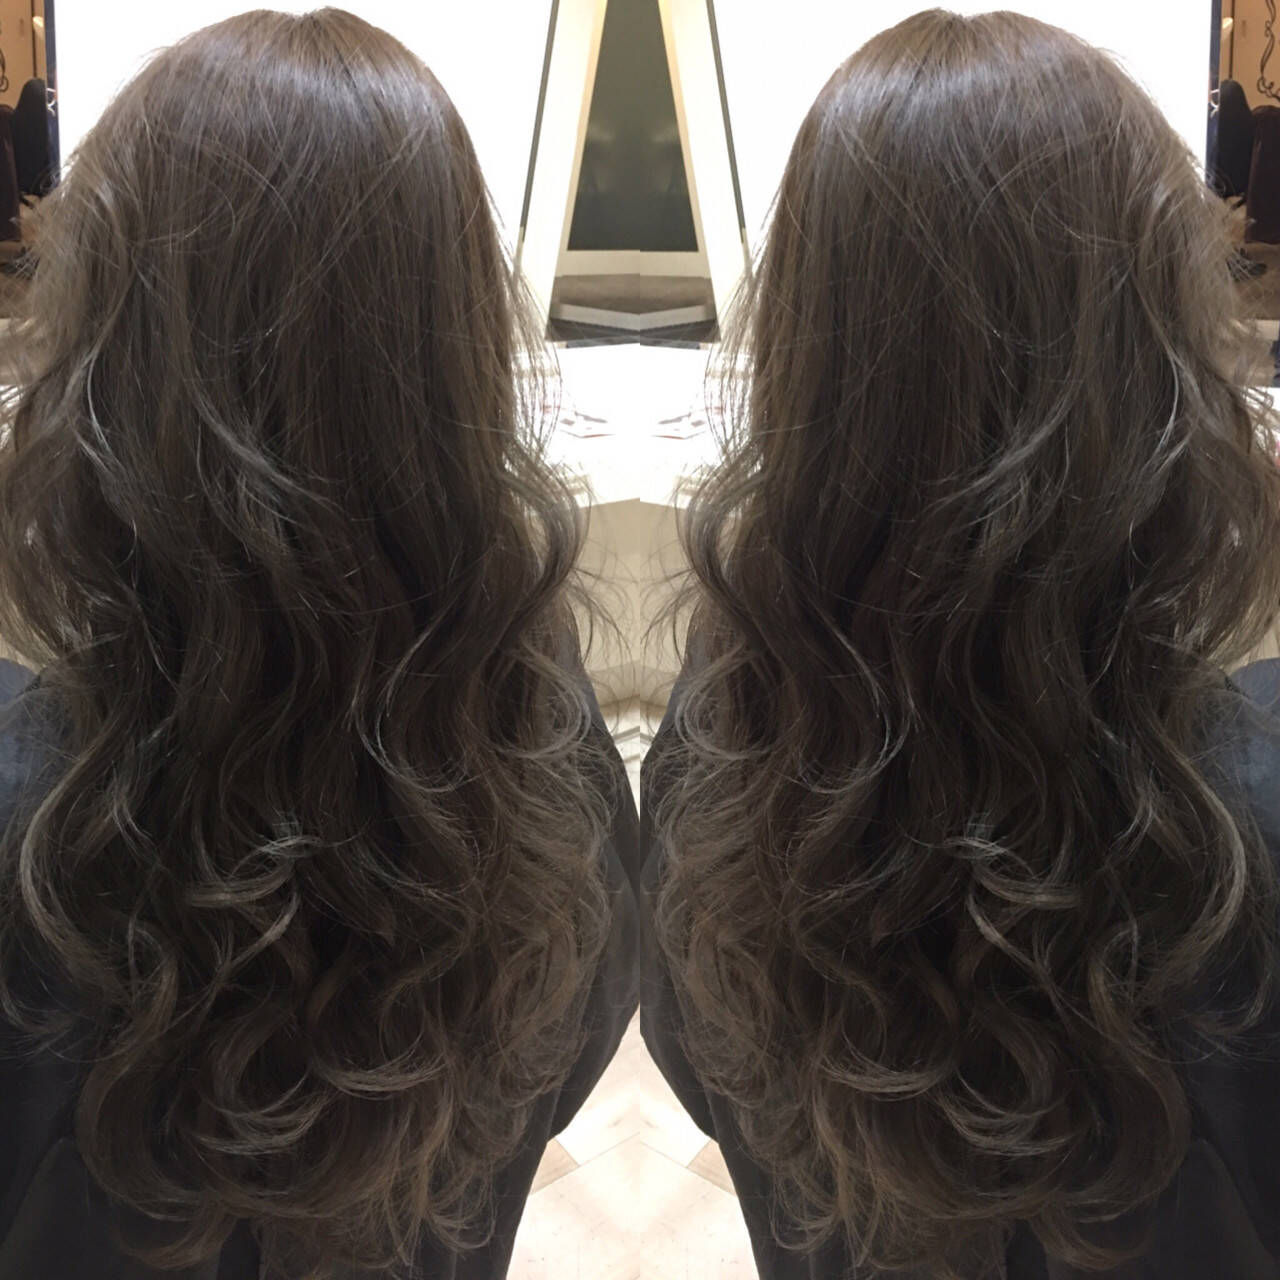 外国人風 暗髪 ロング アッシュヘアスタイルや髪型の写真・画像